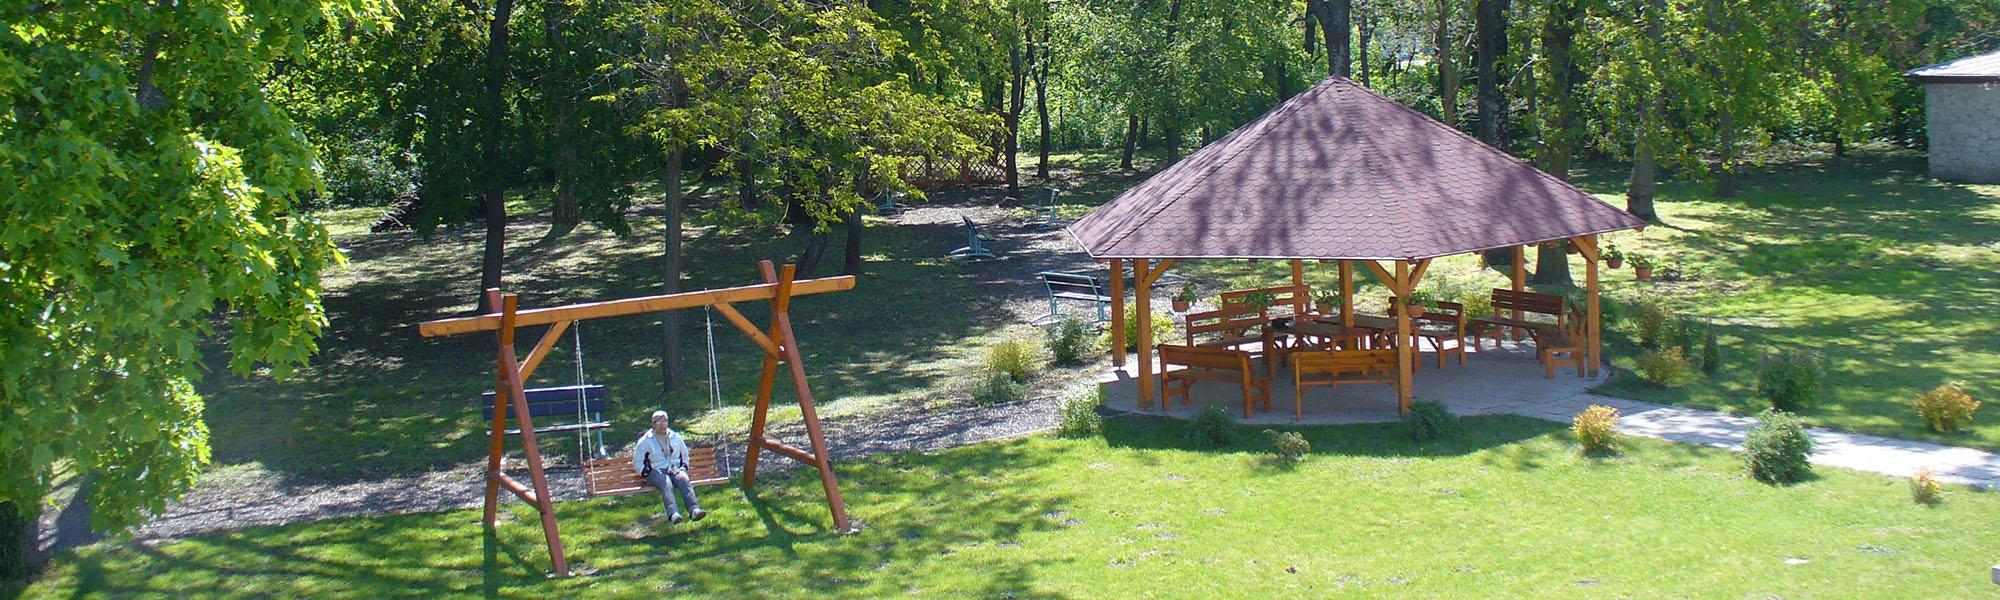 Domov sociálnych služieb pre dospelých Lehnice - Altánok a hojdačka v parku